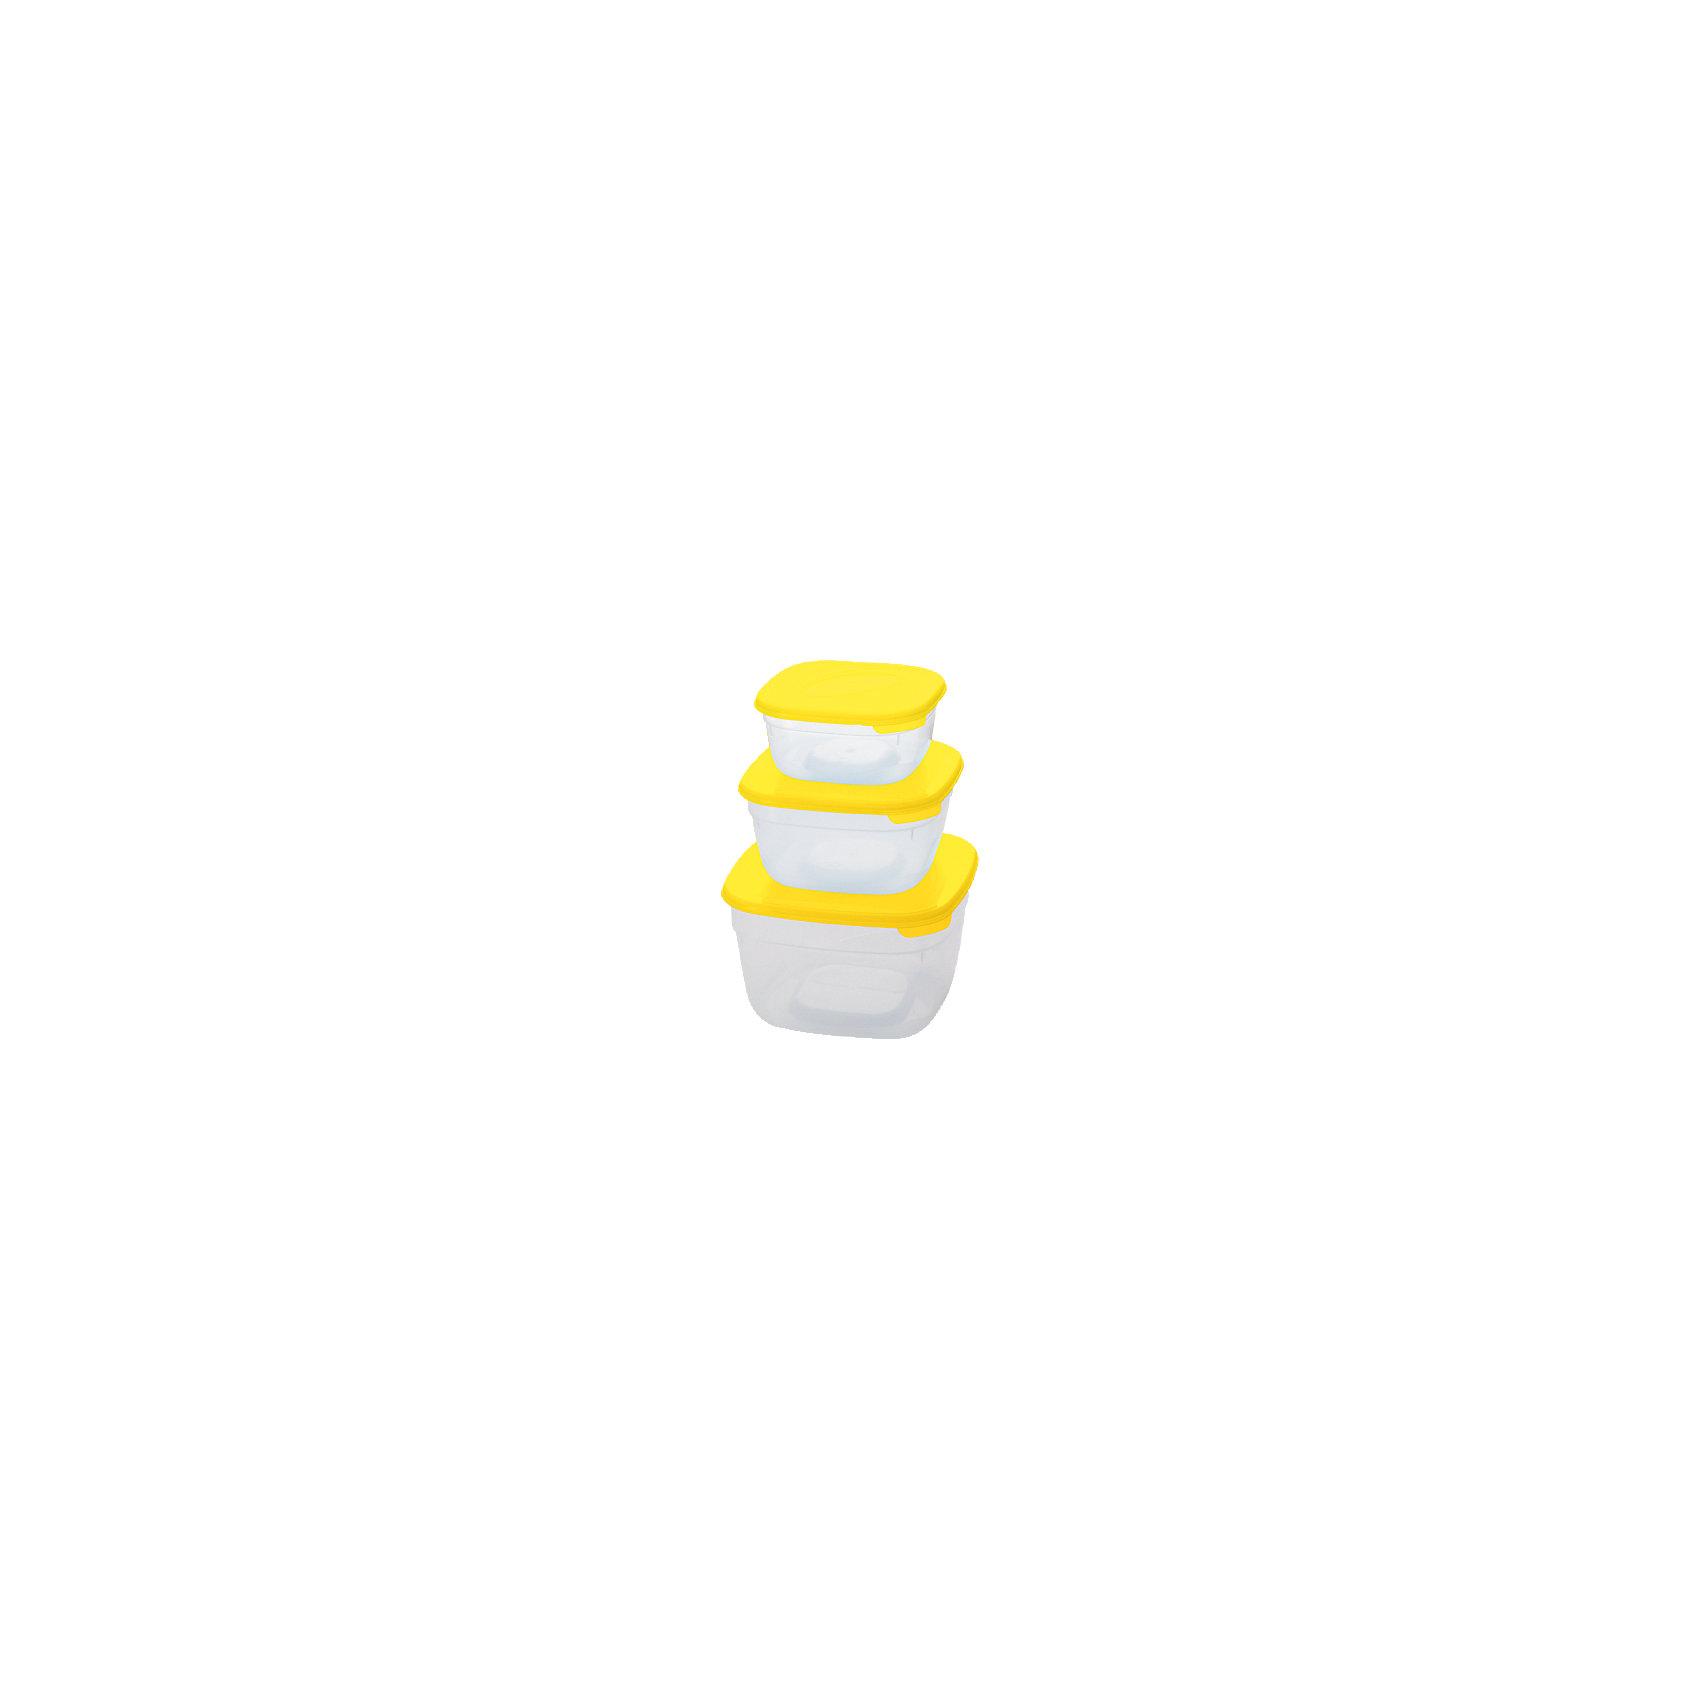 Комплект емкостей для СВЧ Galaxy квадратных 1+2+3л, Plastic CentreКомплект емкостей для СВЧ разных размеров многофункционального применения. Их можно применять как для хранения различных продуктов, так и для разогрева пищи, замораживания ягод и овощей в морозильной камере и т.п. Широкий ассортимент форм, объемов и цветов удовлетворит любой вкус и потребности. При хранении продуктов емкости можно ставить одну на другую, сохраняя полезную площадь холодильника или морозильной камеры.<br><br>Ширина мм: 186<br>Глубина мм: 186<br>Высота мм: 120<br>Вес г: 290<br>Возраст от месяцев: 216<br>Возраст до месяцев: 1188<br>Пол: Унисекс<br>Возраст: Детский<br>SKU: 5545701